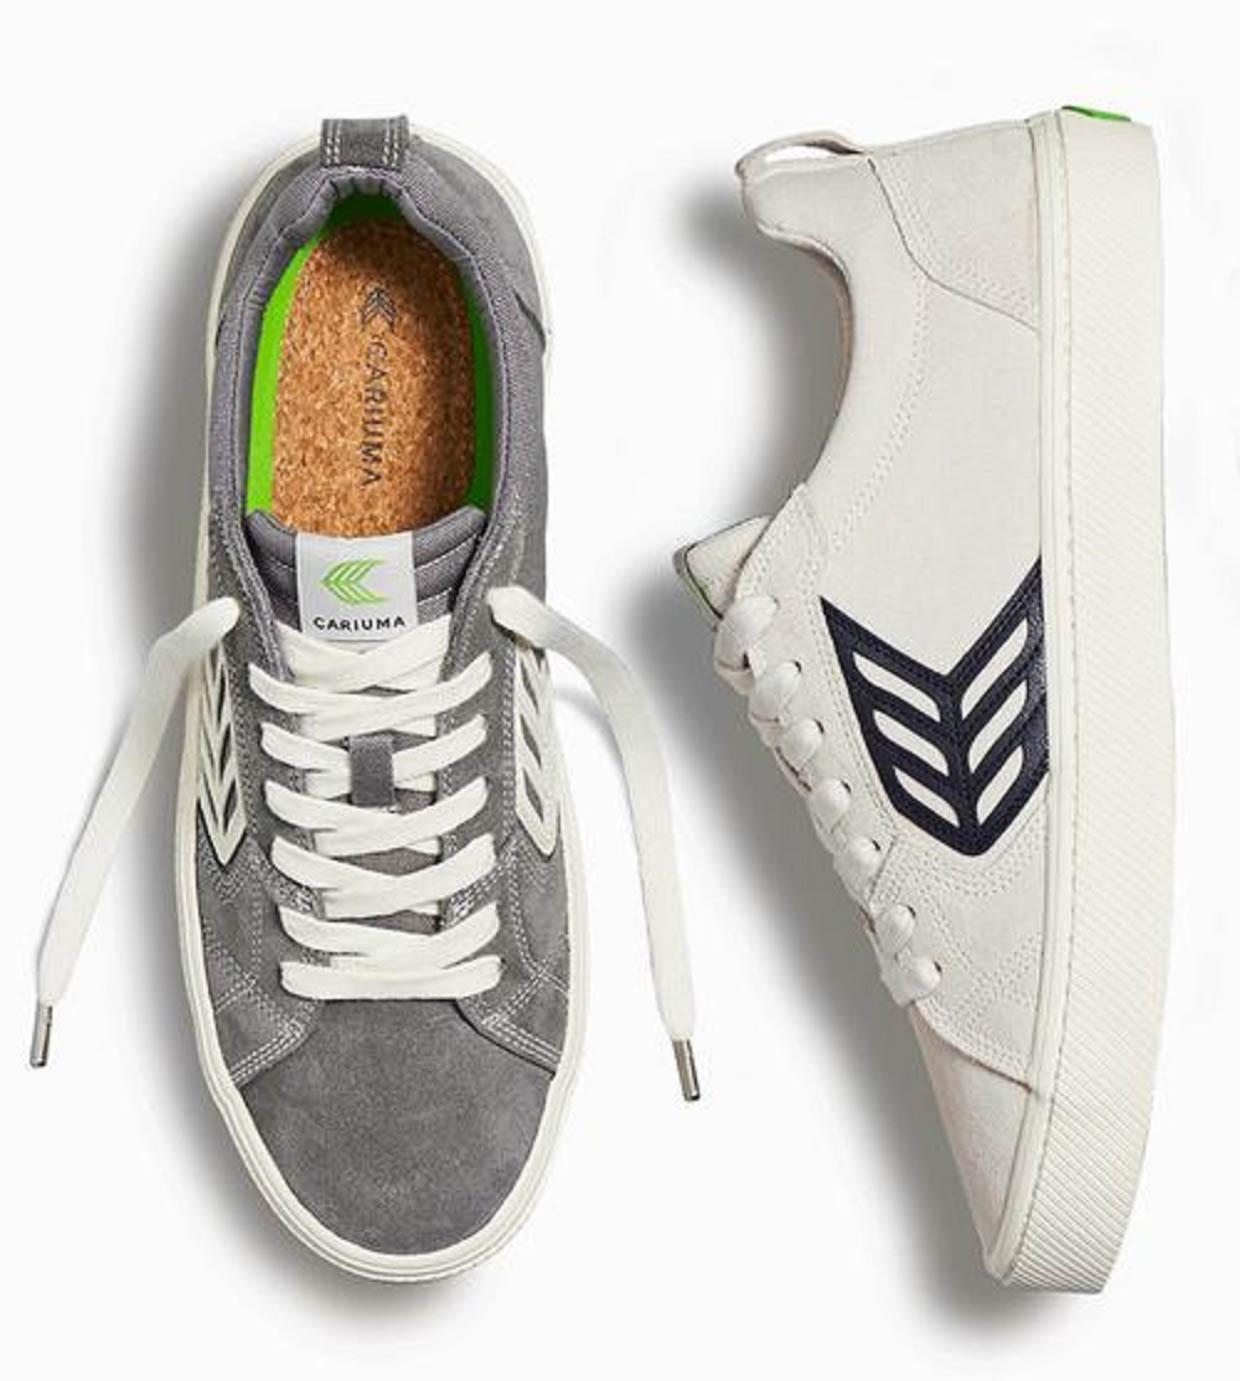 Cariuma Catiba Pro Skate Shoes